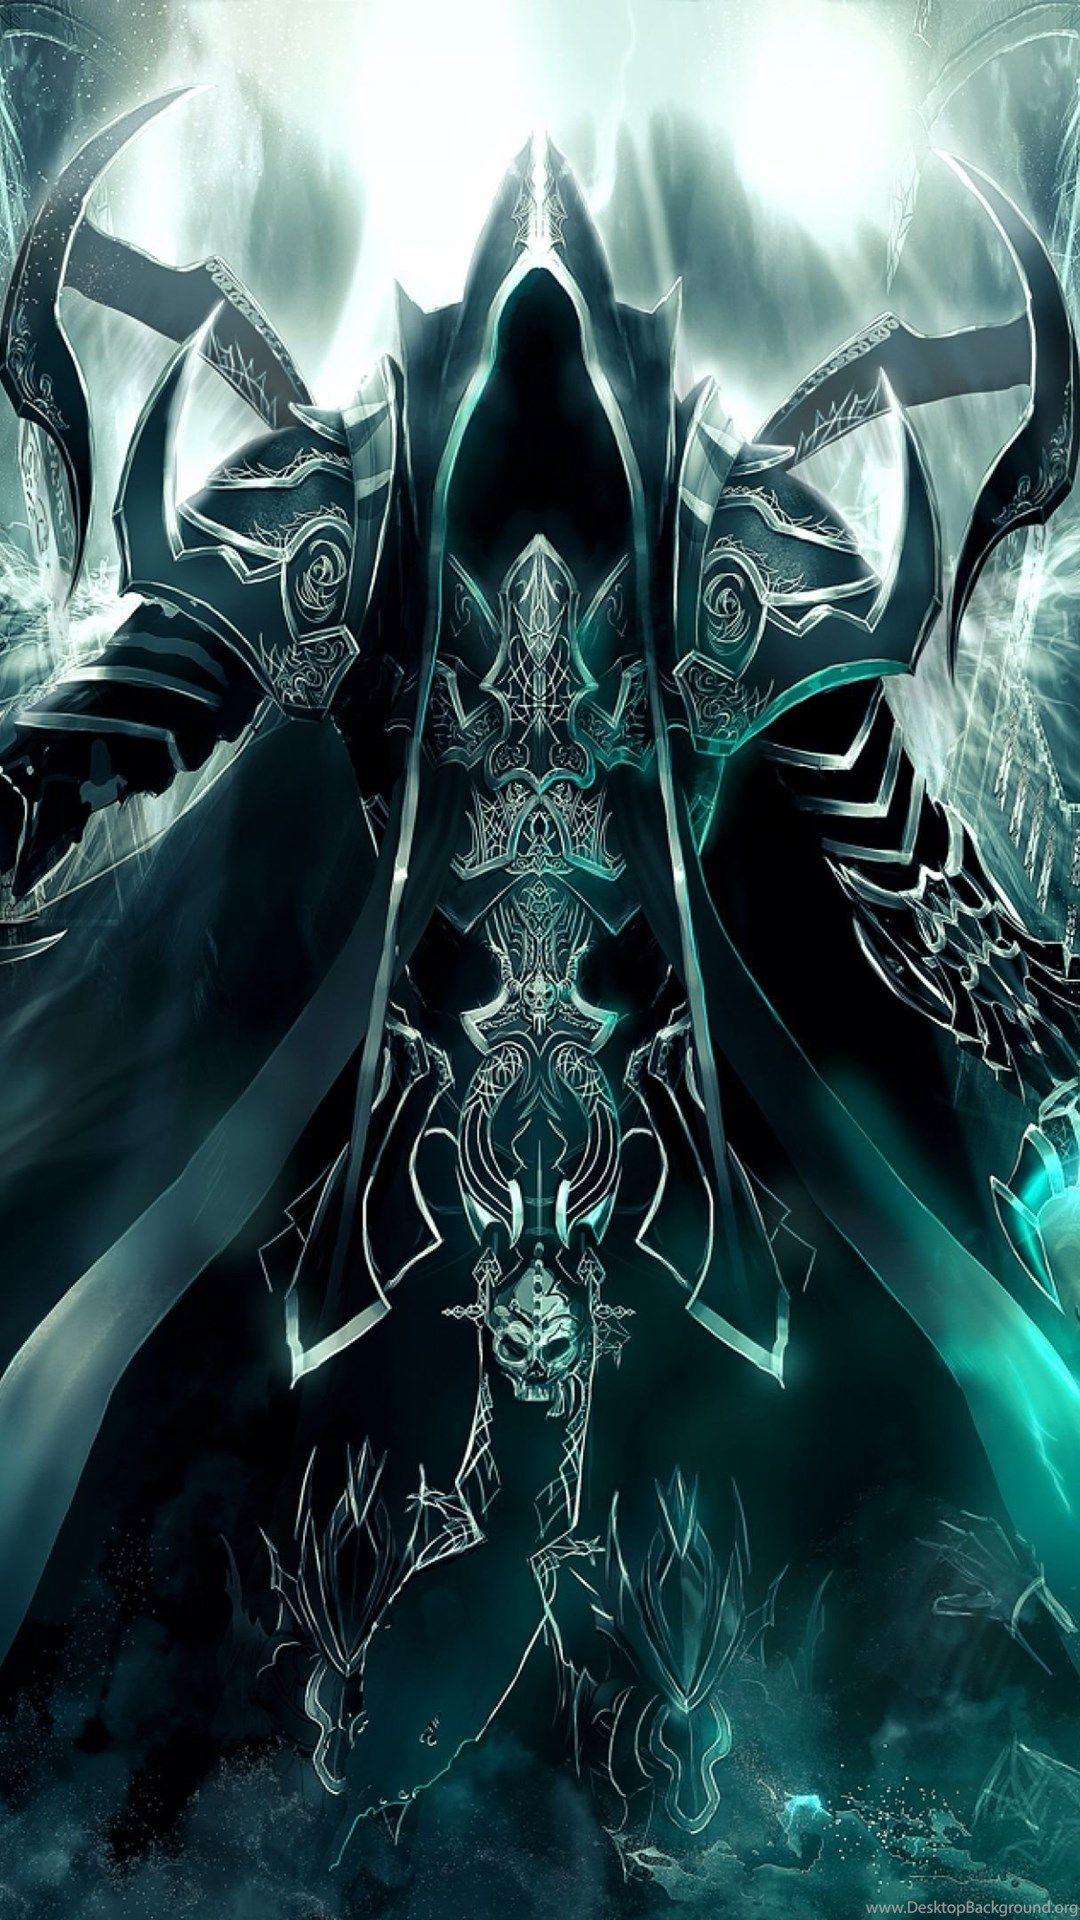 Download Wallpapers Art, Diablo Iii, Reaper Of Souls